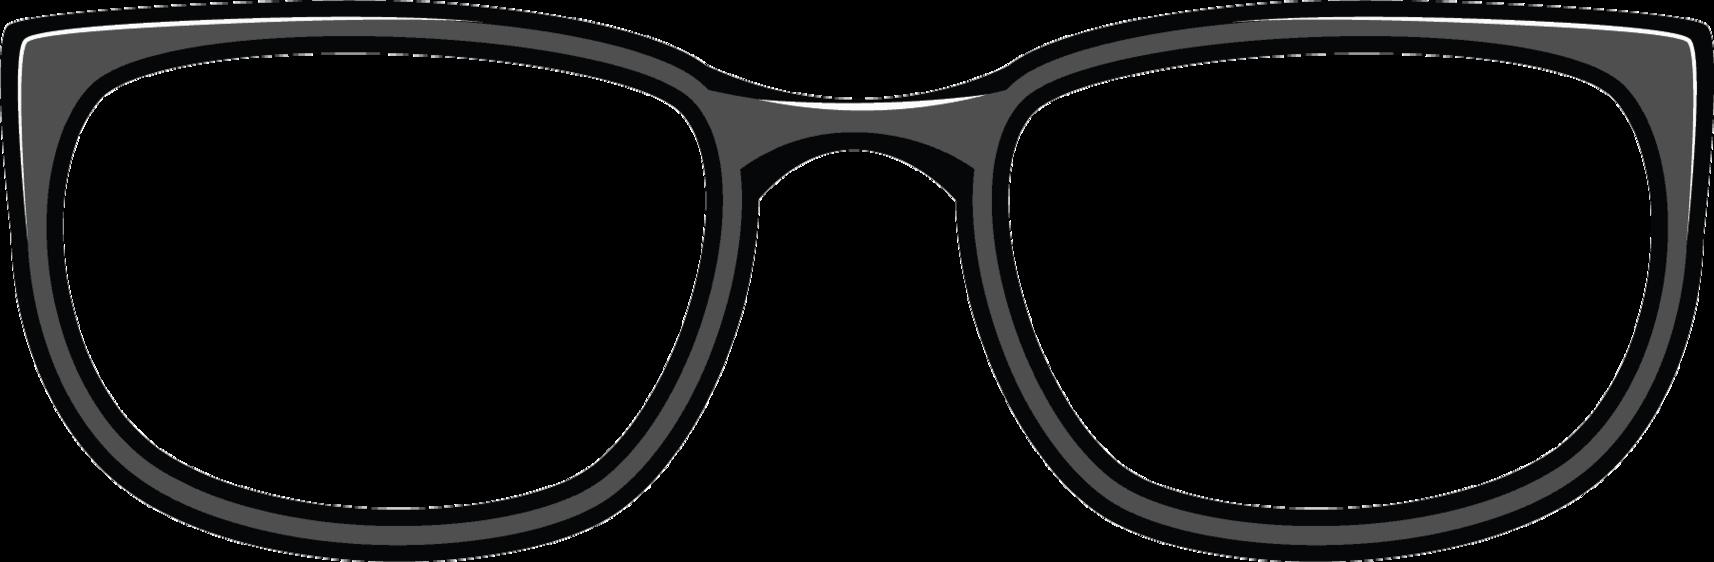 Glasses Clip Art. e7a073c8cdd0a9cb2e4759-Glasses Clip Art. e7a073c8cdd0a9cb2e475951695bff .-5